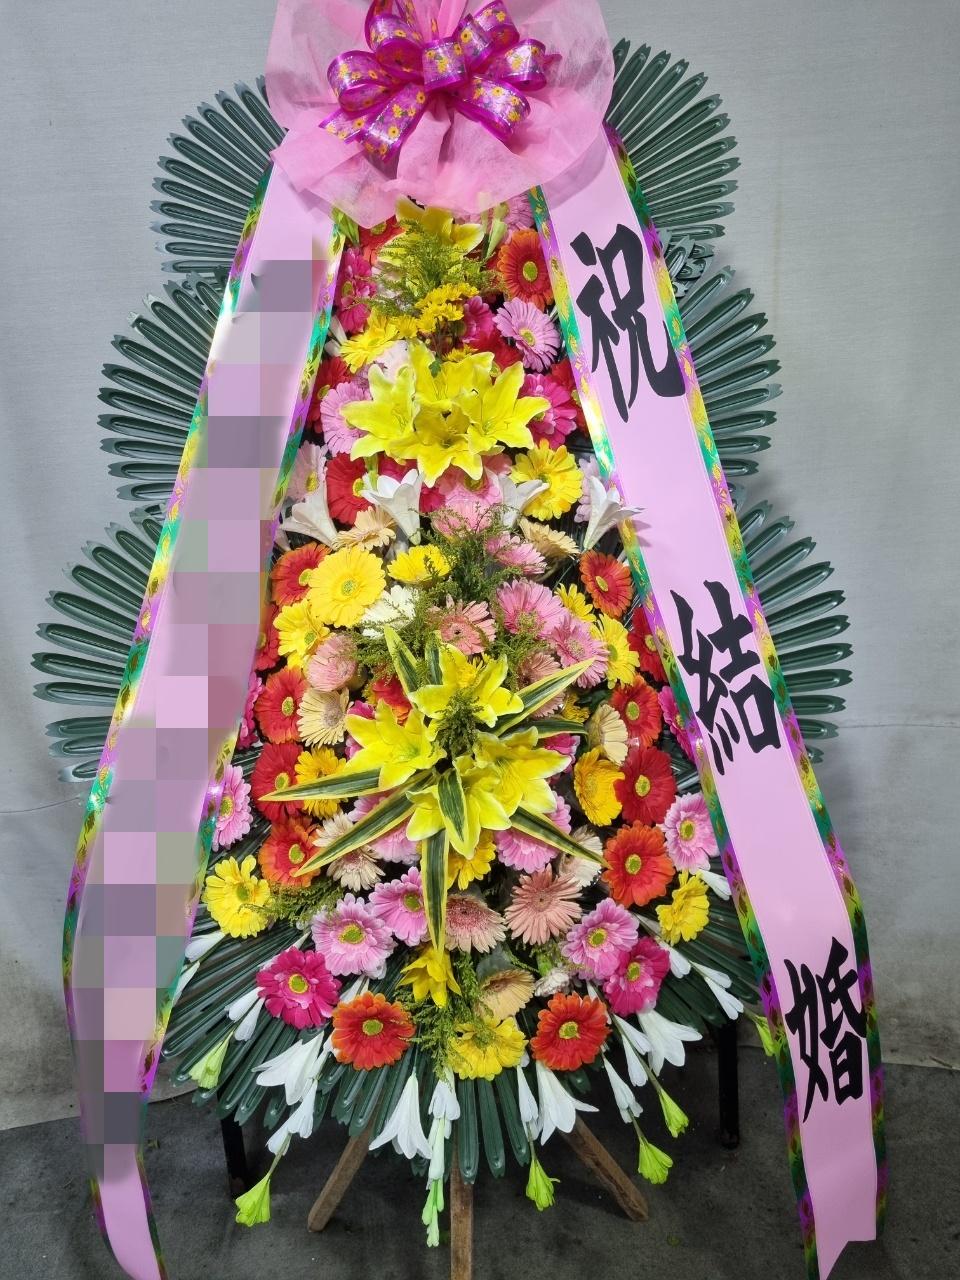 주문자 진ㅇㅇ 서울 강동구로 배송된 상품입니다